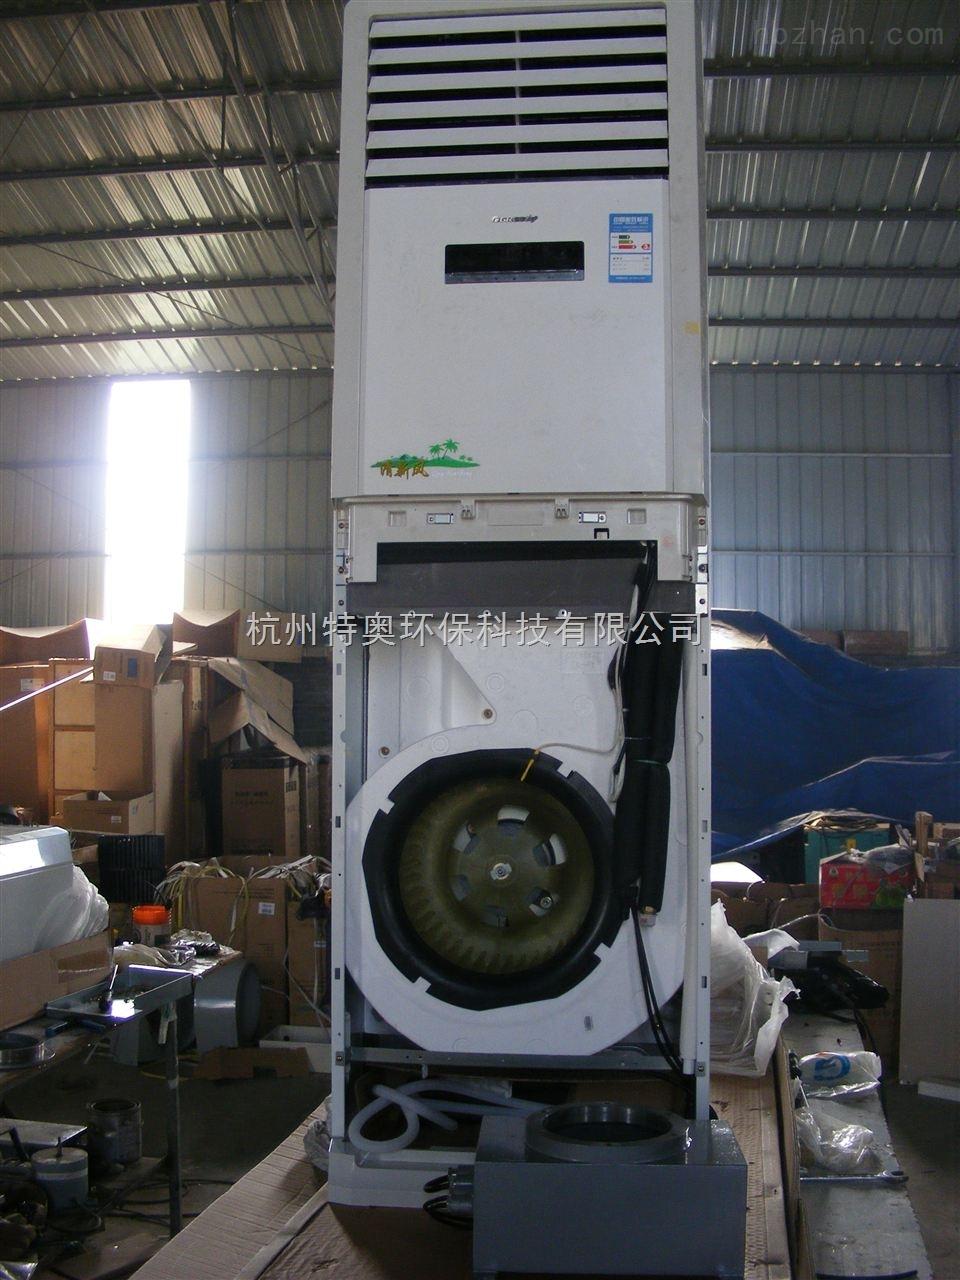 珠海防爆空调生产厂家